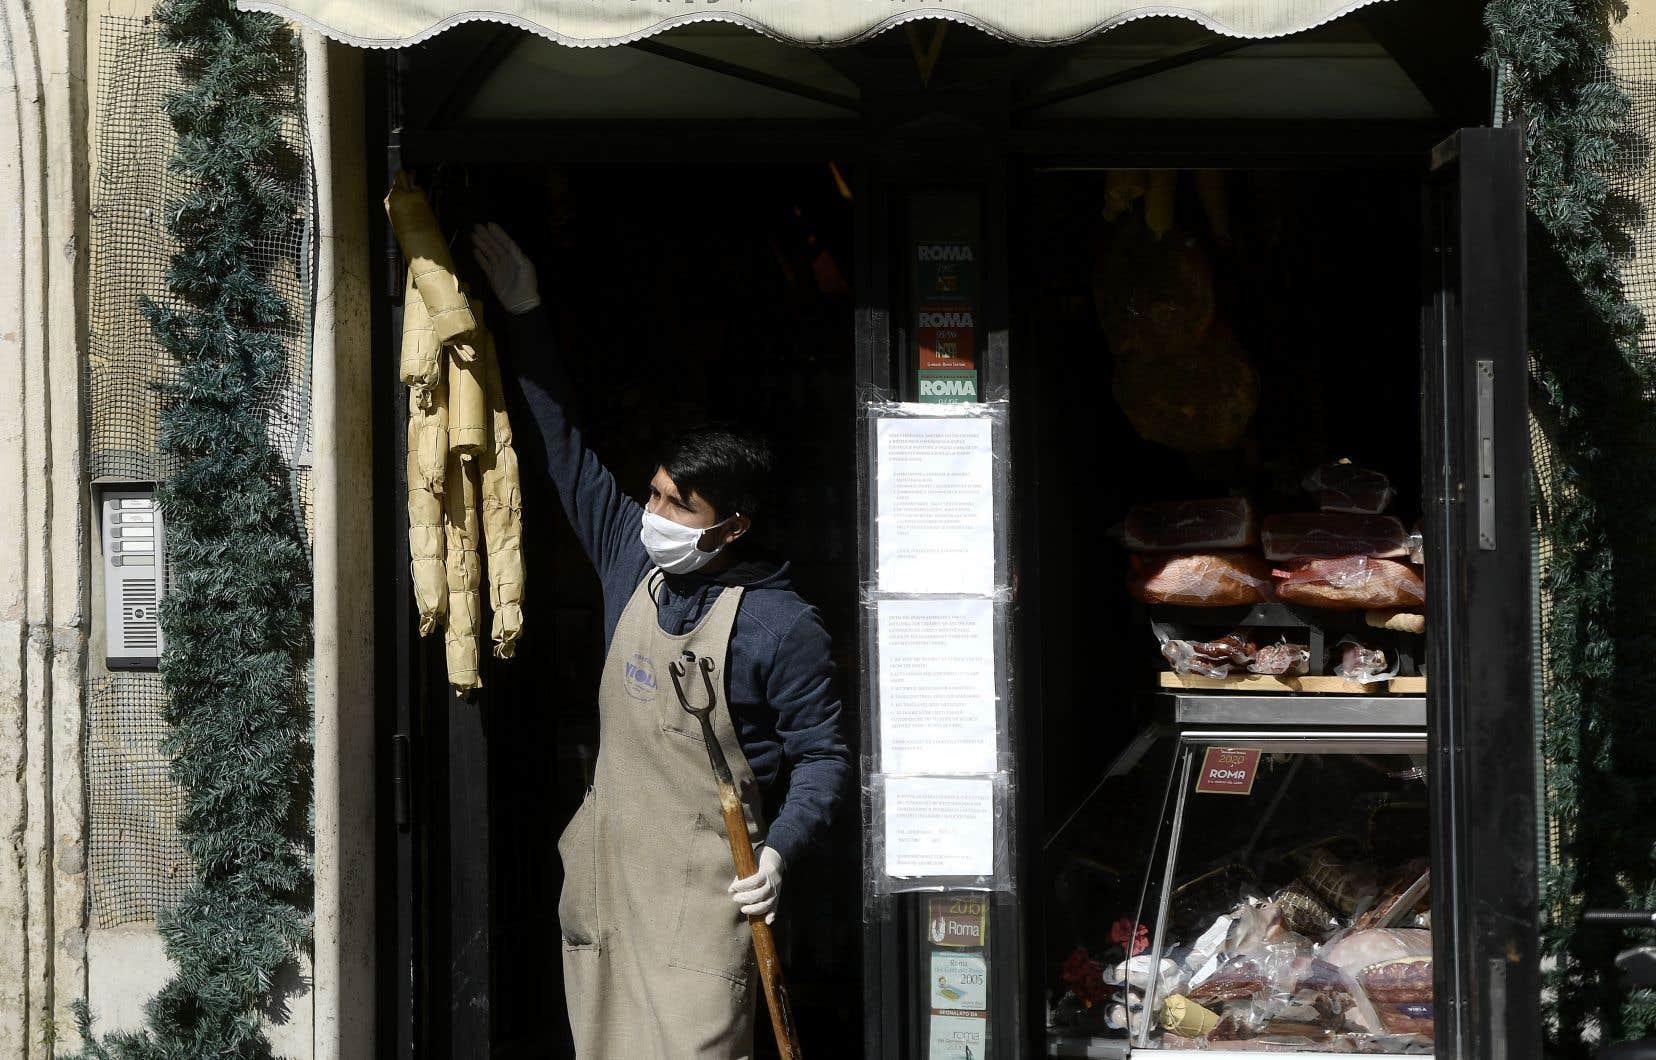 Près de 16000 personnes sont mortes de la COVID-19 en Italie.